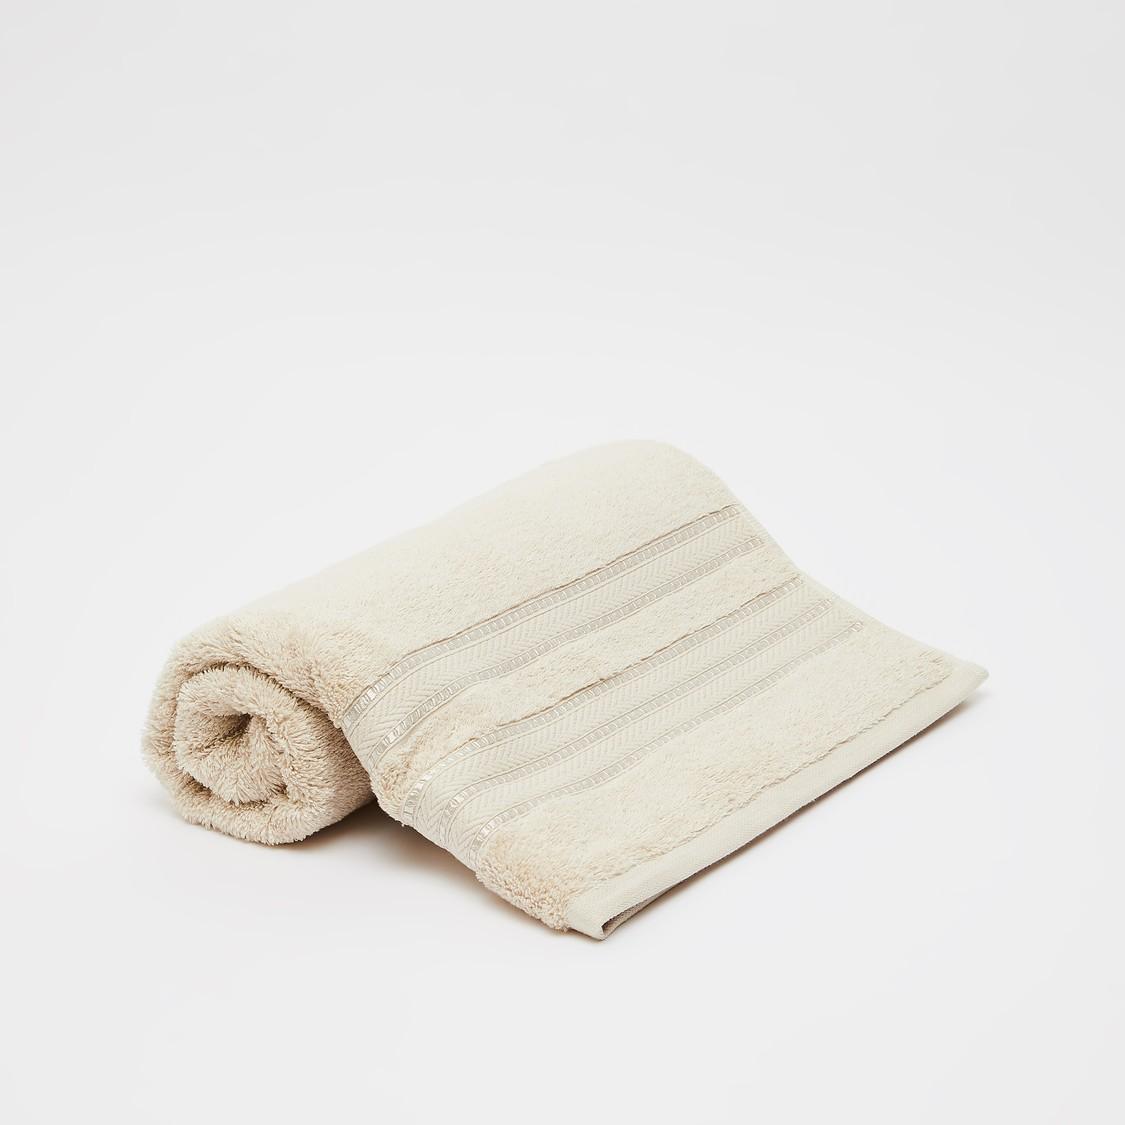 منشفة حمّام بارزة الملمس من القطن المصري - 140x70 سم